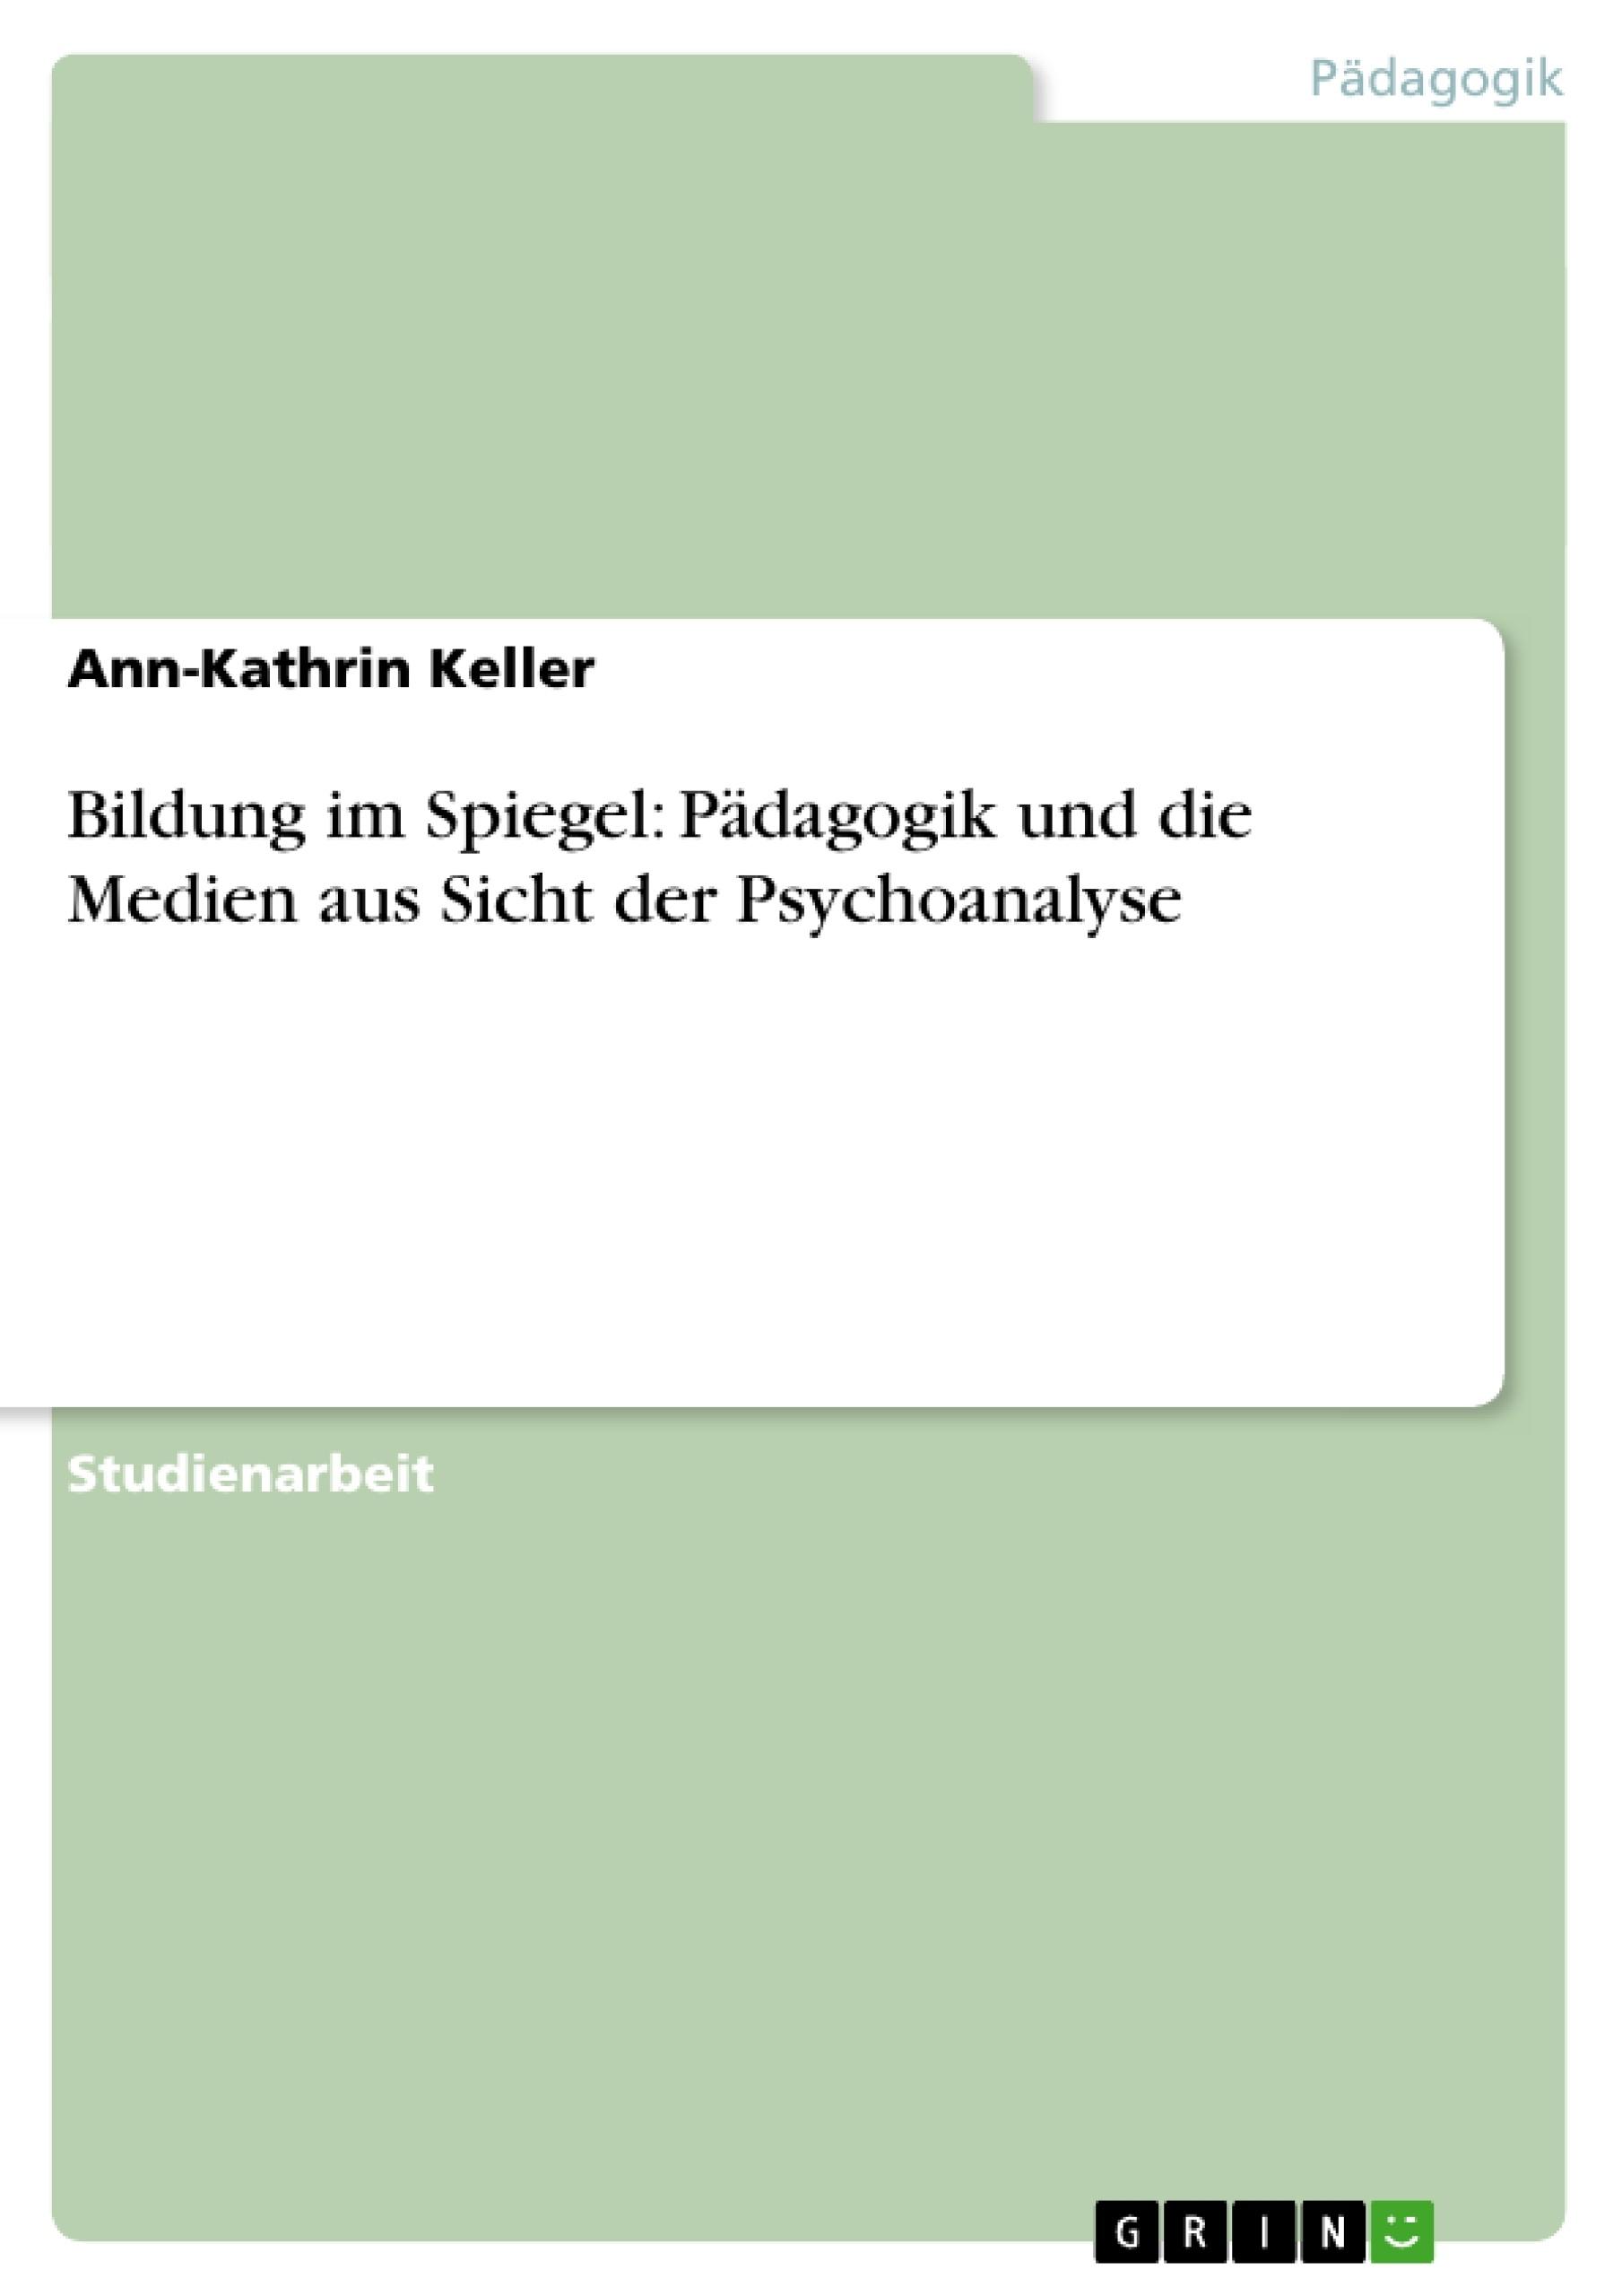 Titel: Bildung im Spiegel: Pädagogik und die Medien aus Sicht der Psychoanalyse